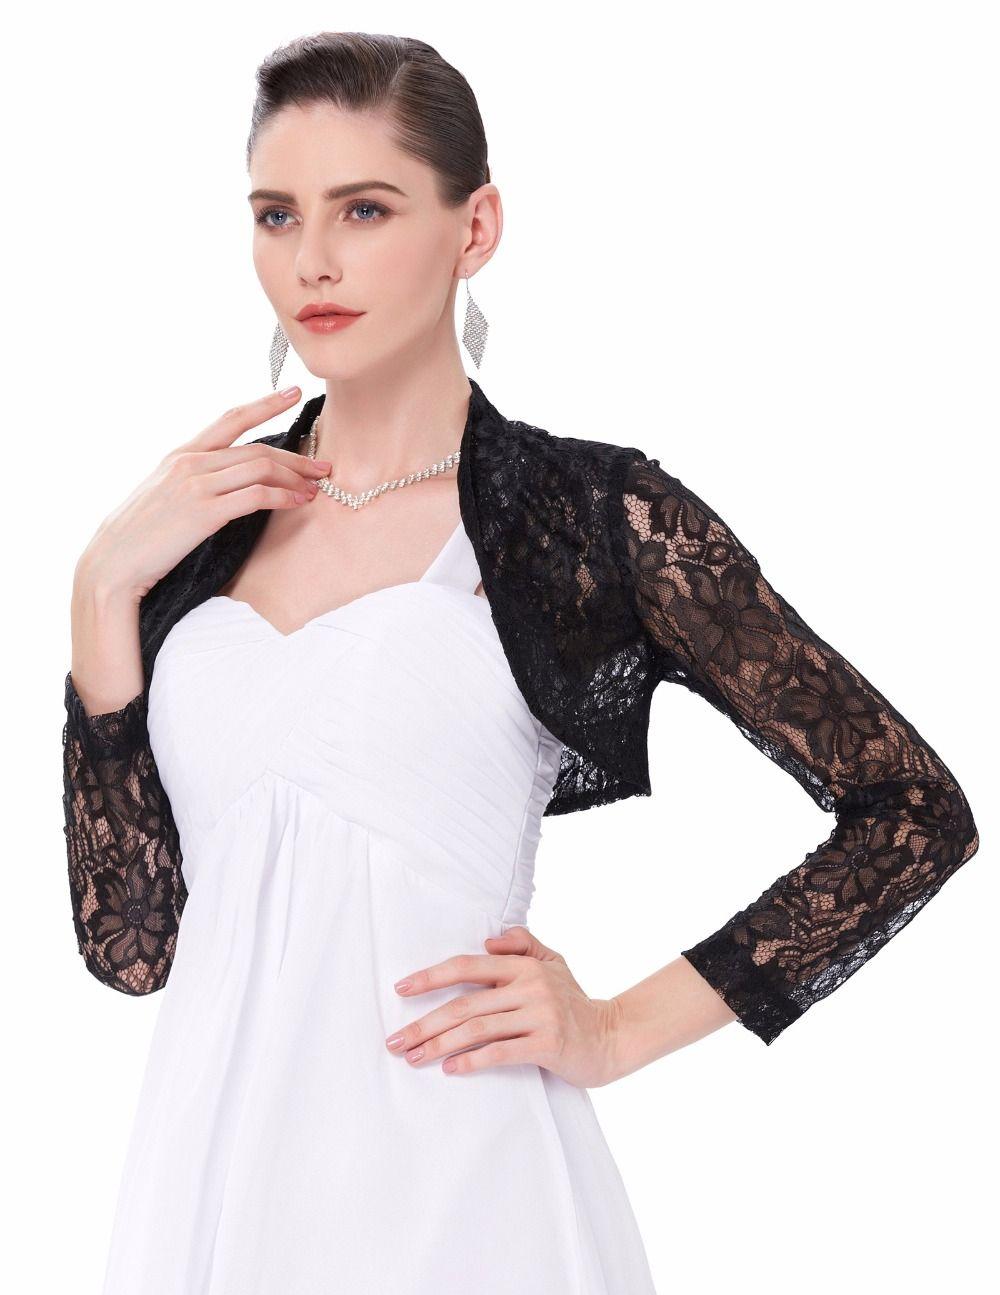 70b3dbe8554 Sexy Lace Jacket Womens Ladies Long Sleeve Cropped Shrug Black White Coat  2017 Plus Size Fashion Lace Bolero Outerwear Coats  Affiliate